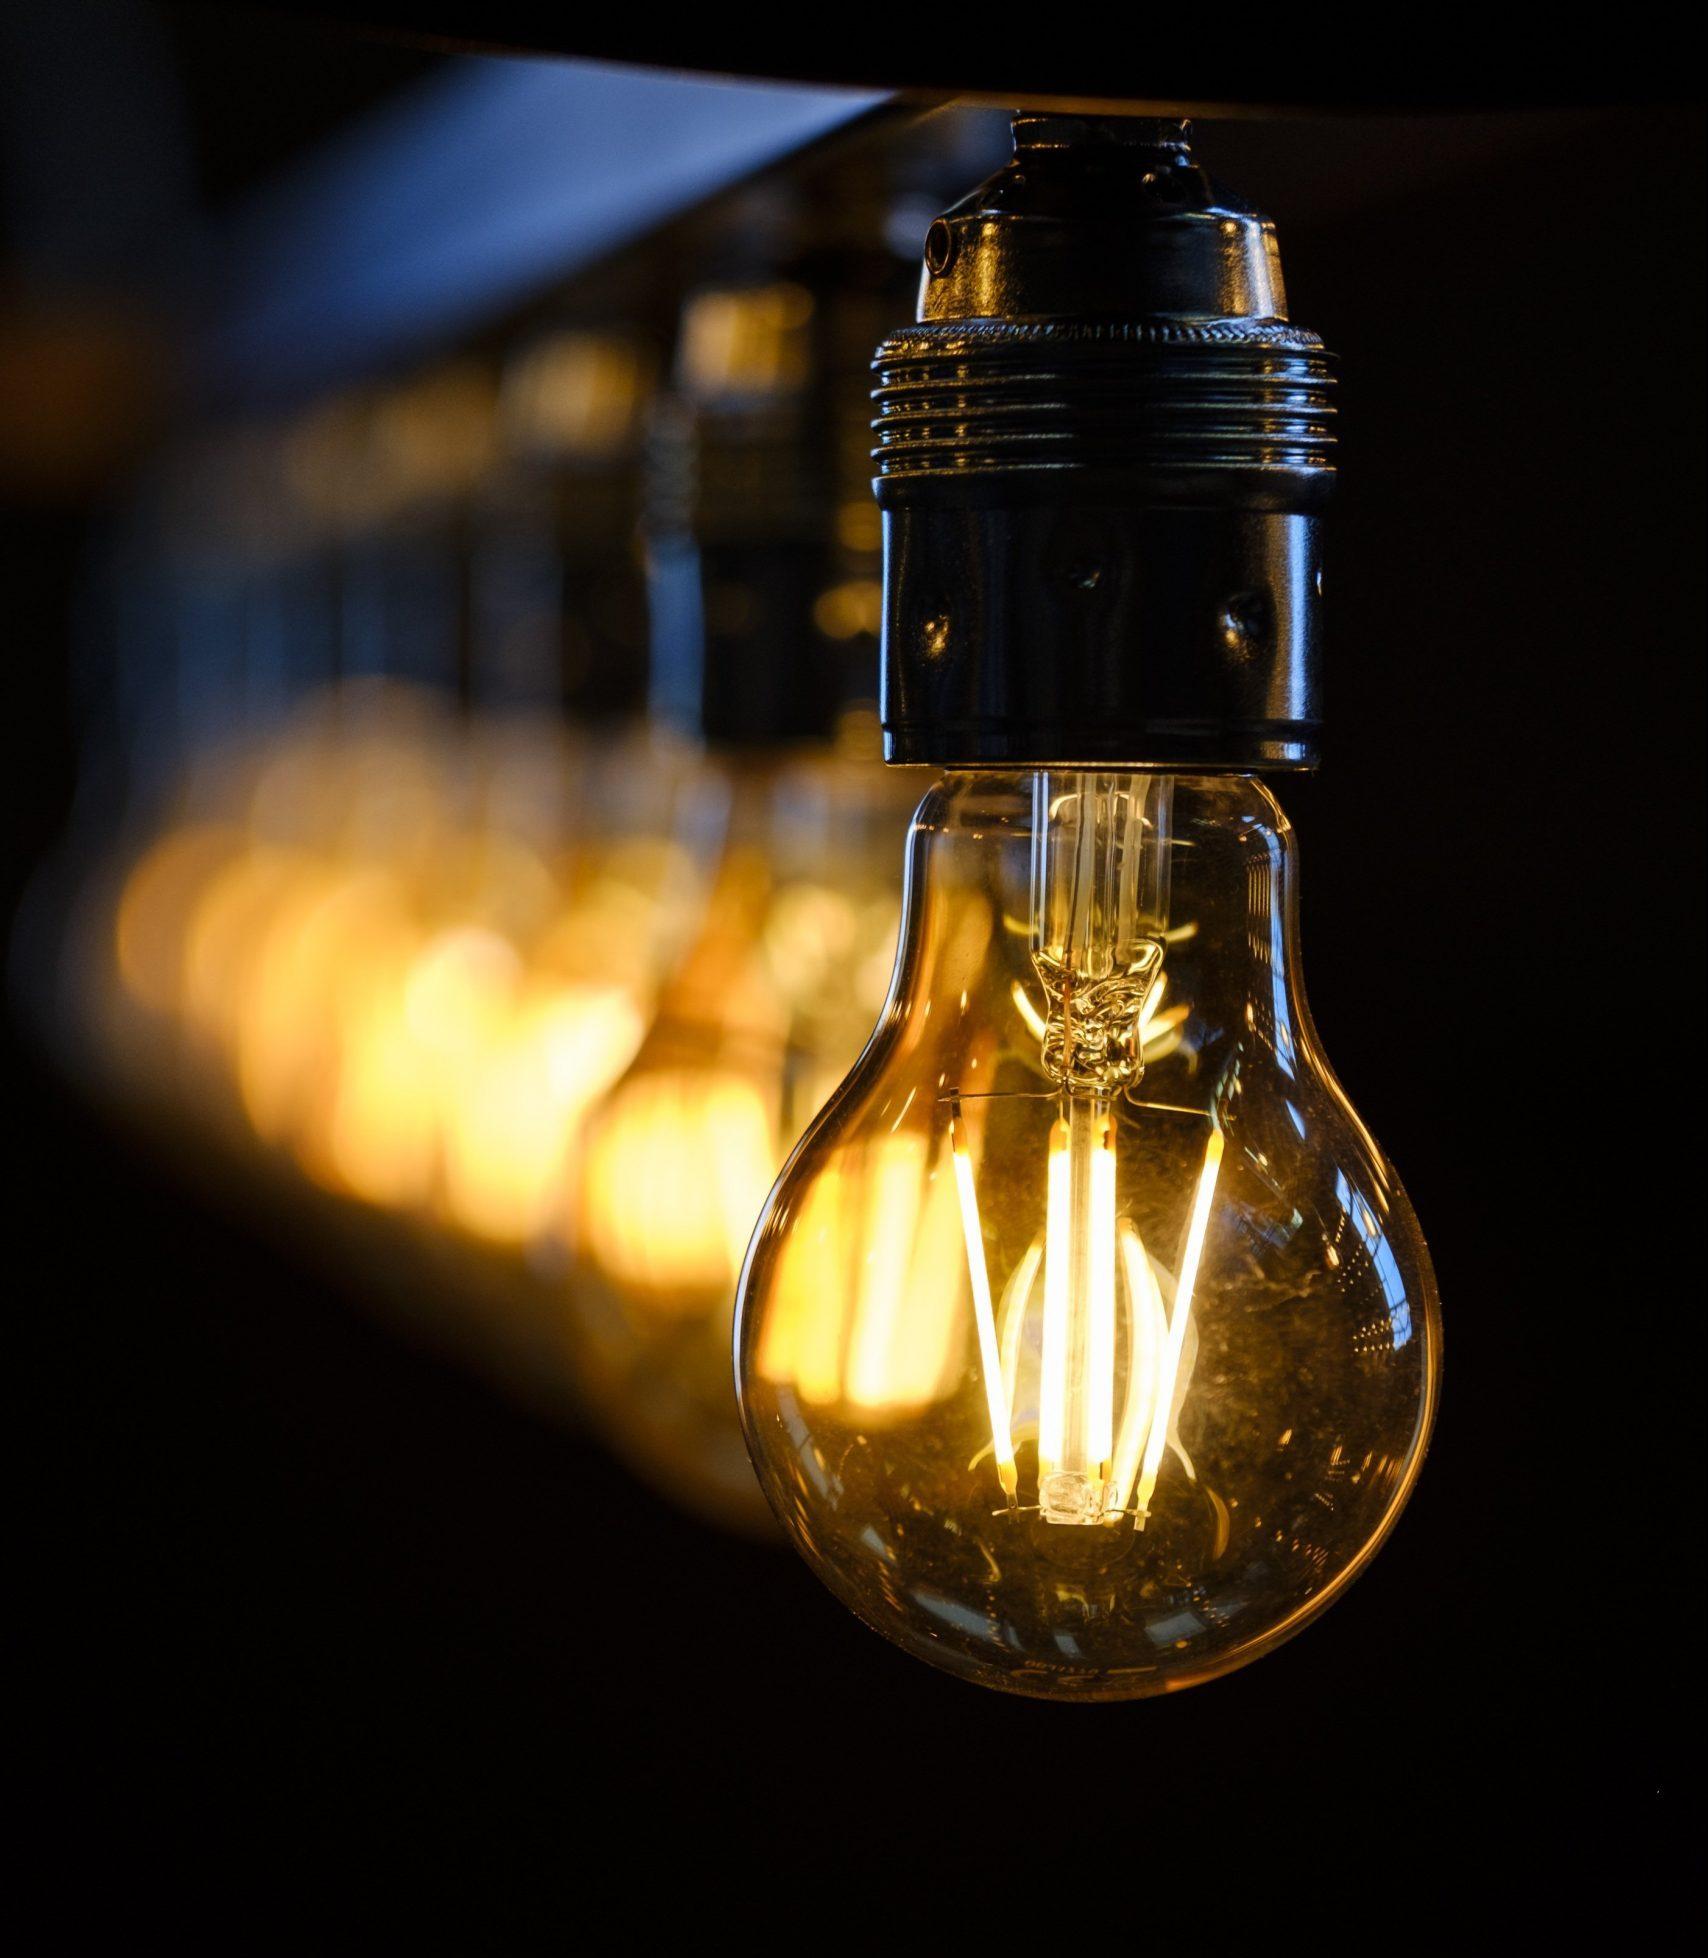 lamp-3489394